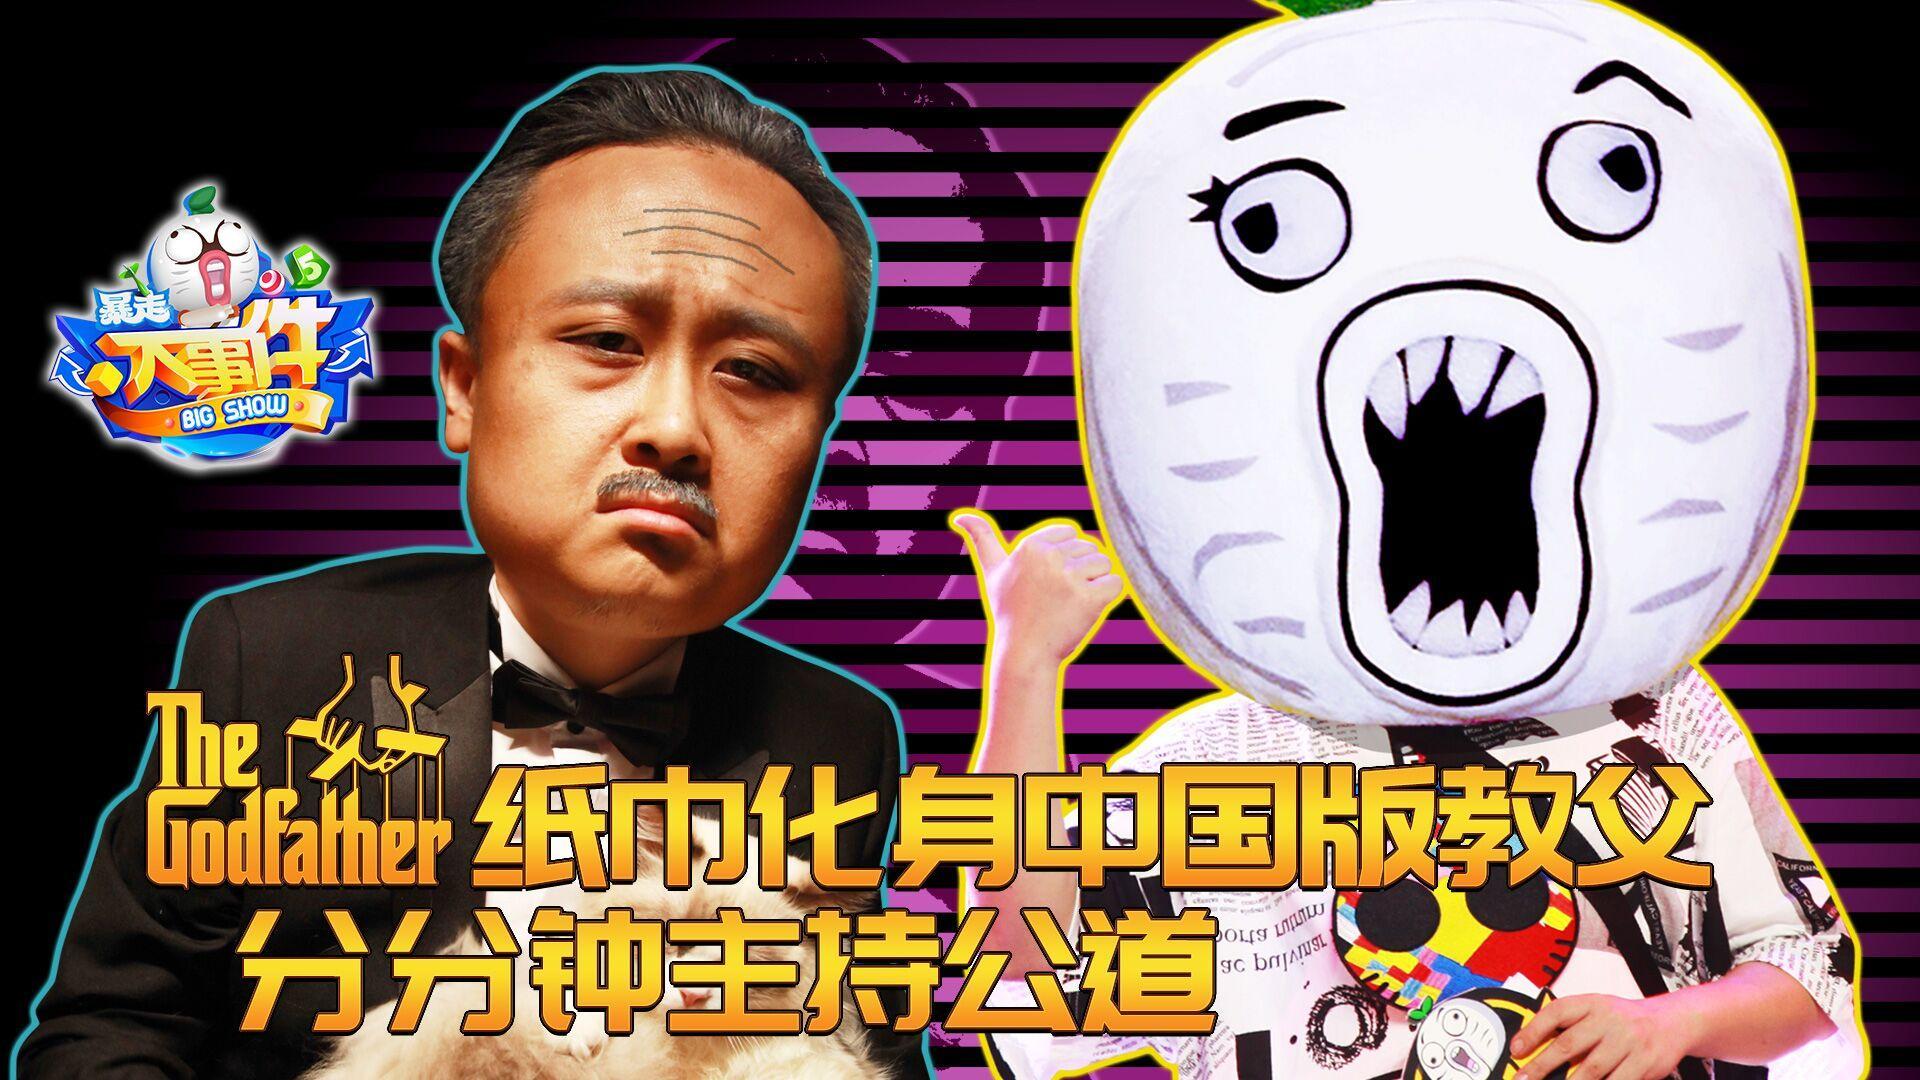 纸巾化身中国版教父分分钟主持公道 32【暴走大事件第五季】